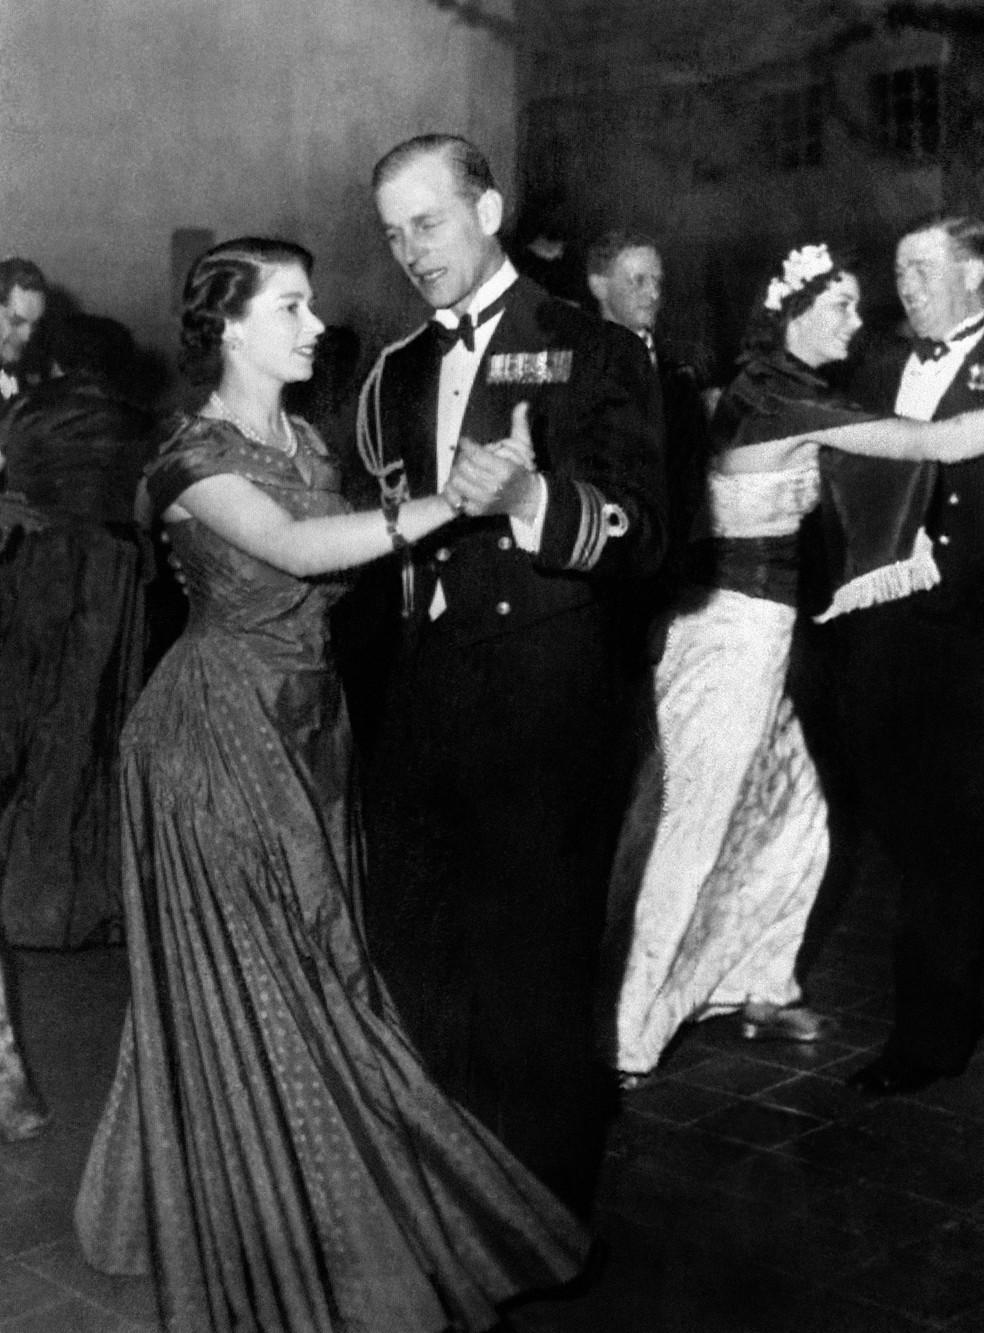 Princesa Elizabeth e o Príncipe Philip são fotografados durante baile organizado pela Marinha Real, em de dezembro de 1950 — Foto: AFP